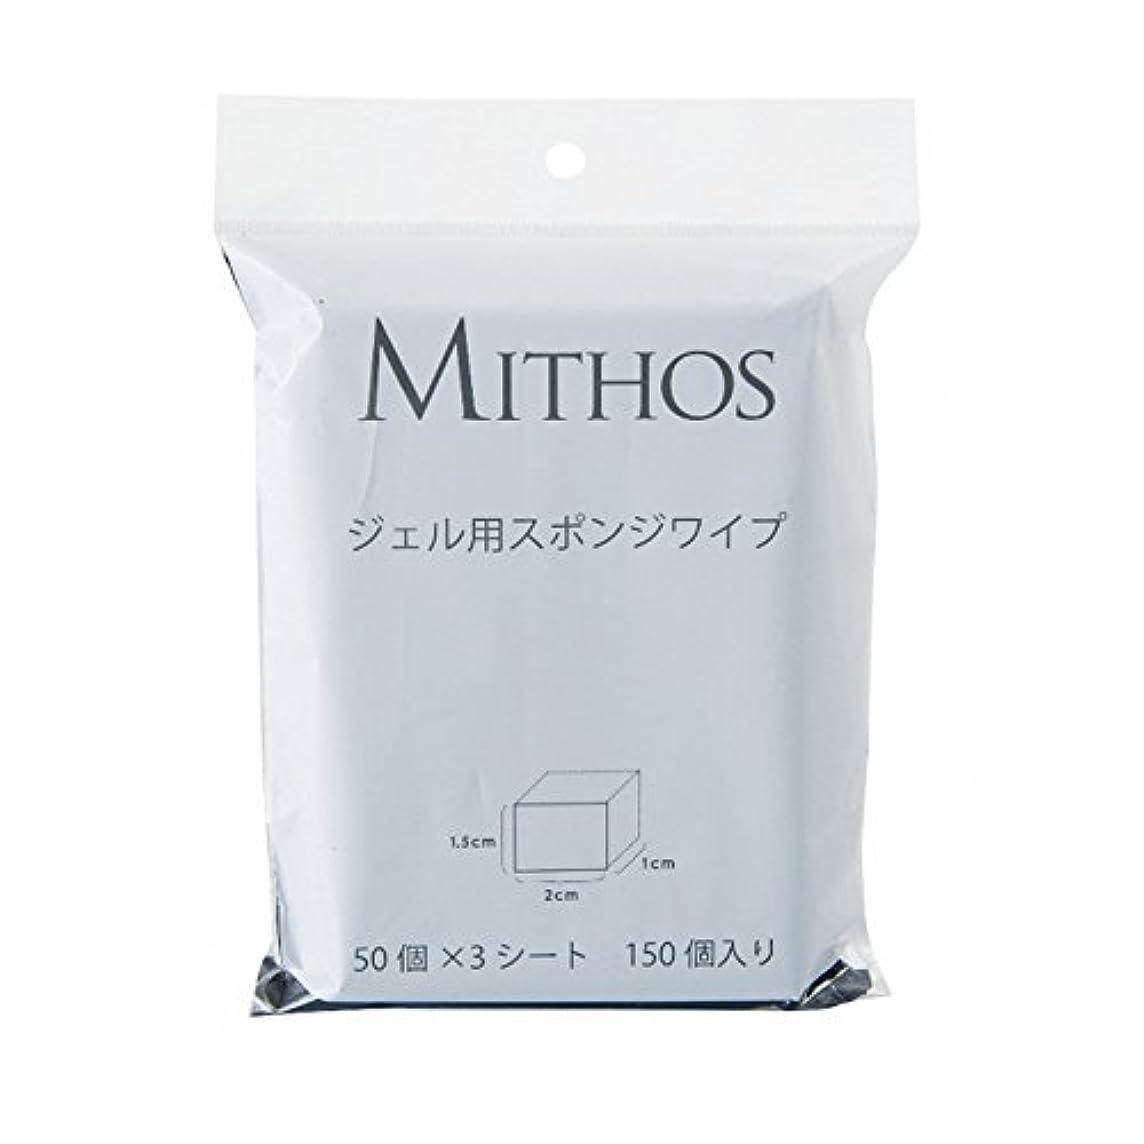 ダメージデンマーク語毛細血管MITHOS ジェル用スポンジワイプ 150P 1.5×2×1cm 50個×3シート